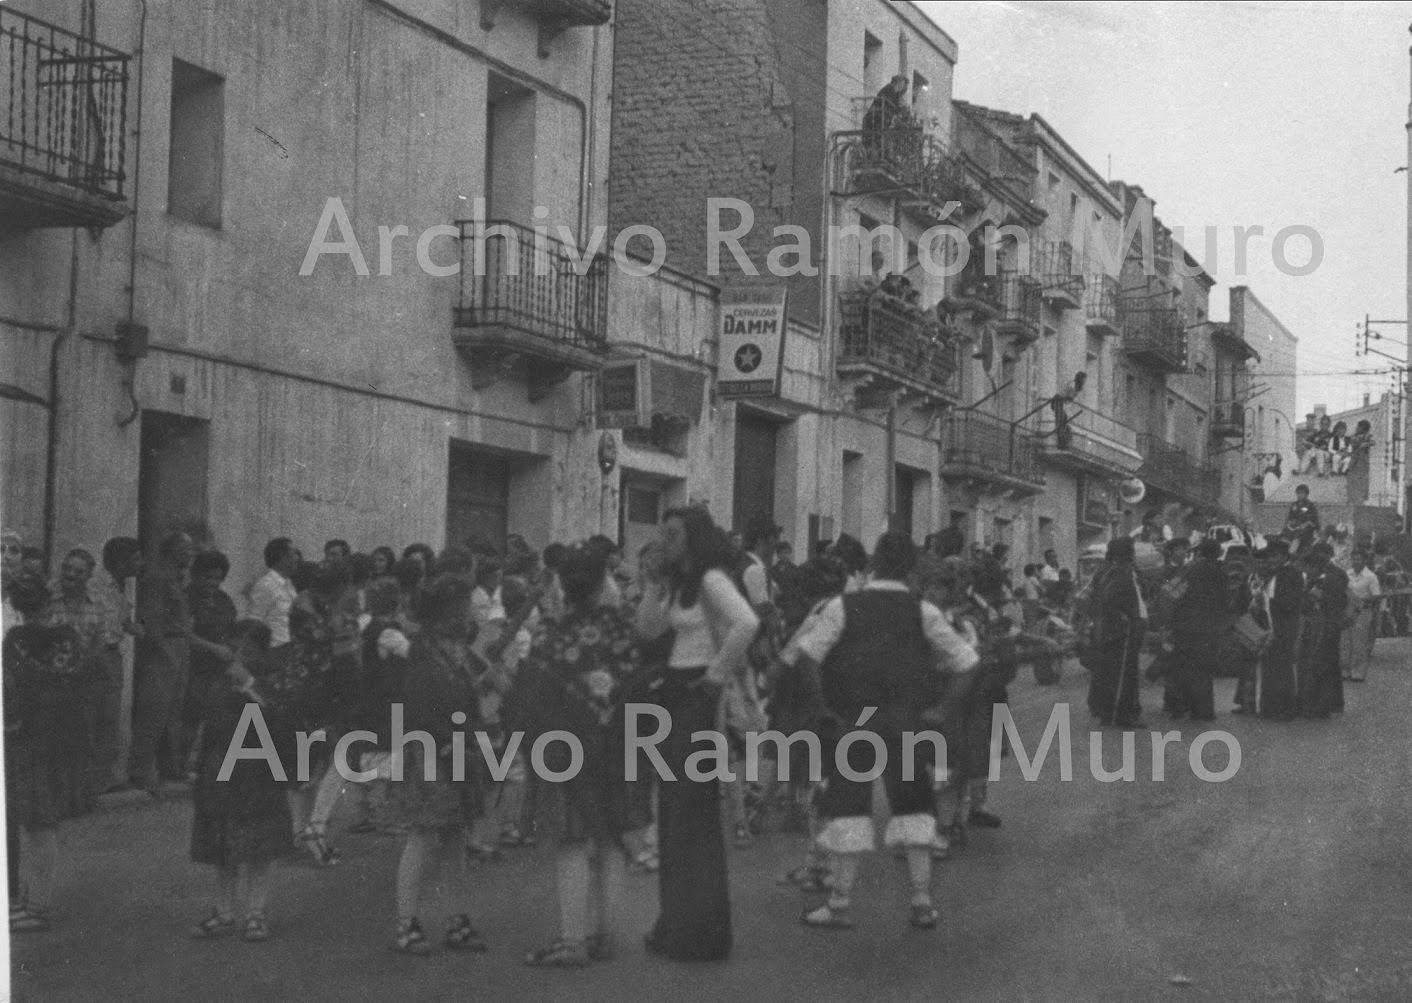 Fiestas de Binéfar - Fotos desfile